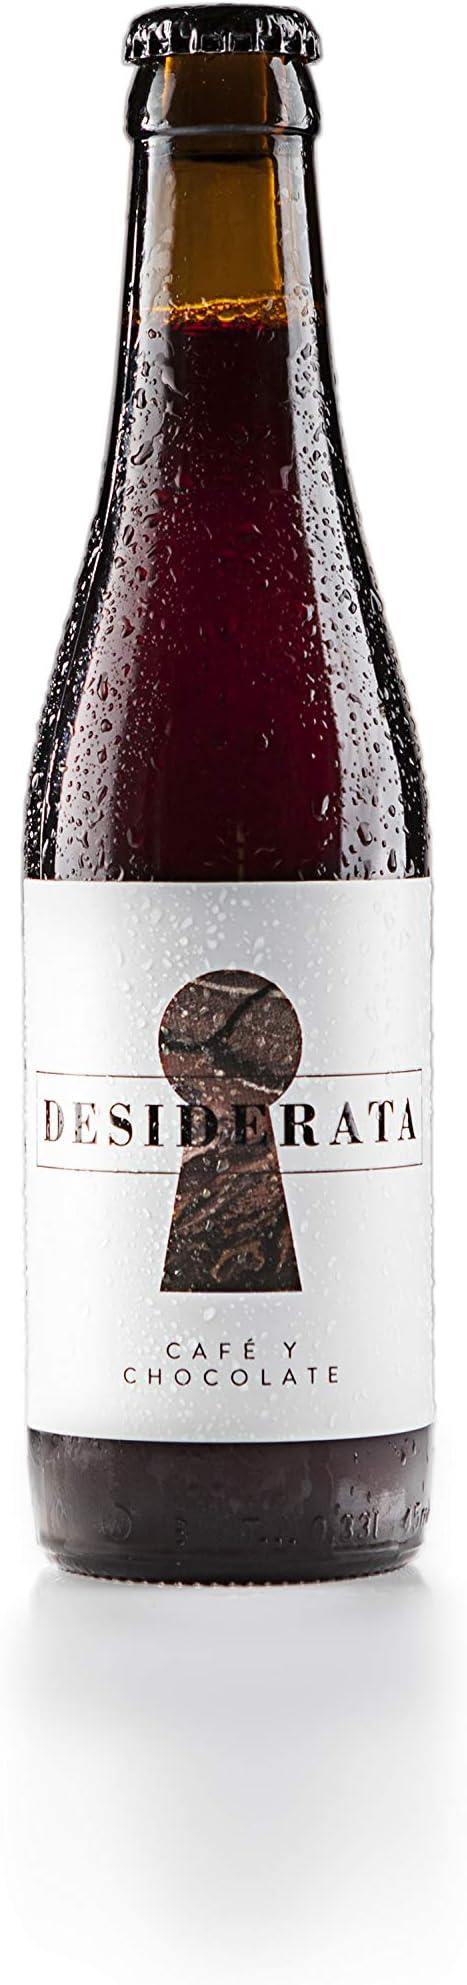 Desiderata - Café y chocolate - Cerveza artesana 100% natural sevillana, sin aditivos, colorantes ni conservantes - Sabor a chocolate negro, azúcar de caña y café - 1 uds